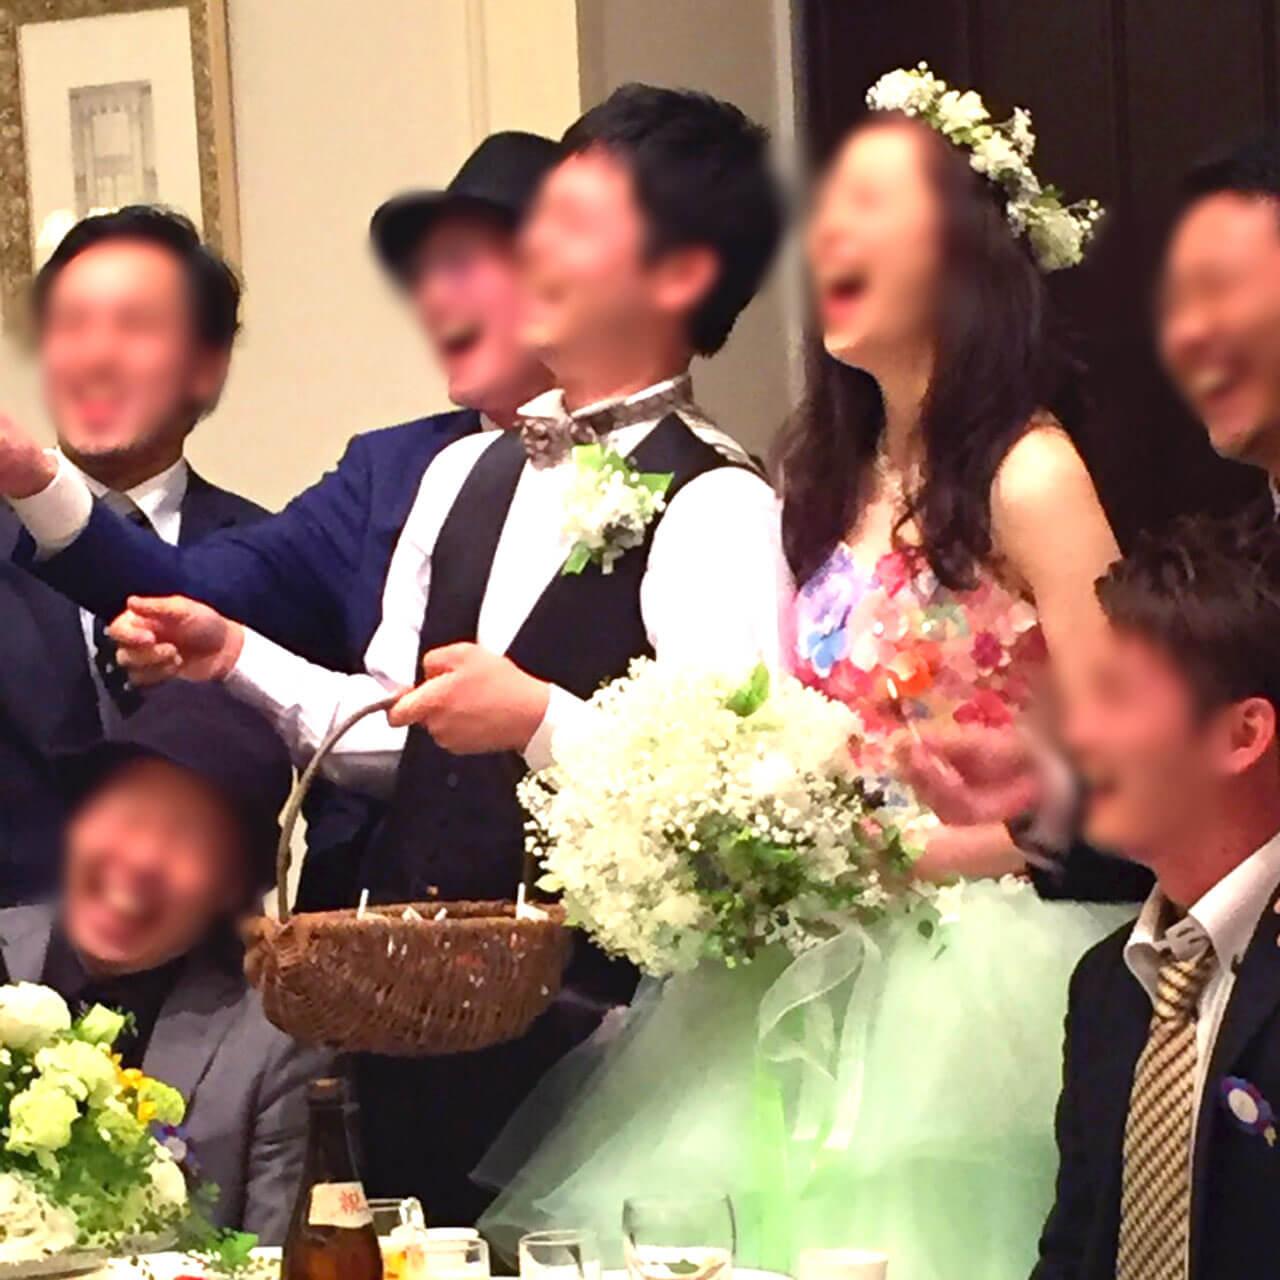 ウエストからしたがミントグリーン上が花柄の可愛いカラードレスを着た花嫁と新郎様。新婦様の手にある白いかすみ草の花束と、カールされた髪型の花嫁様の頭にグリーンのみや白のかすみ草の花冠がのっている。幸せそうな二人は、みんなに囲まれ笑っている笑っている